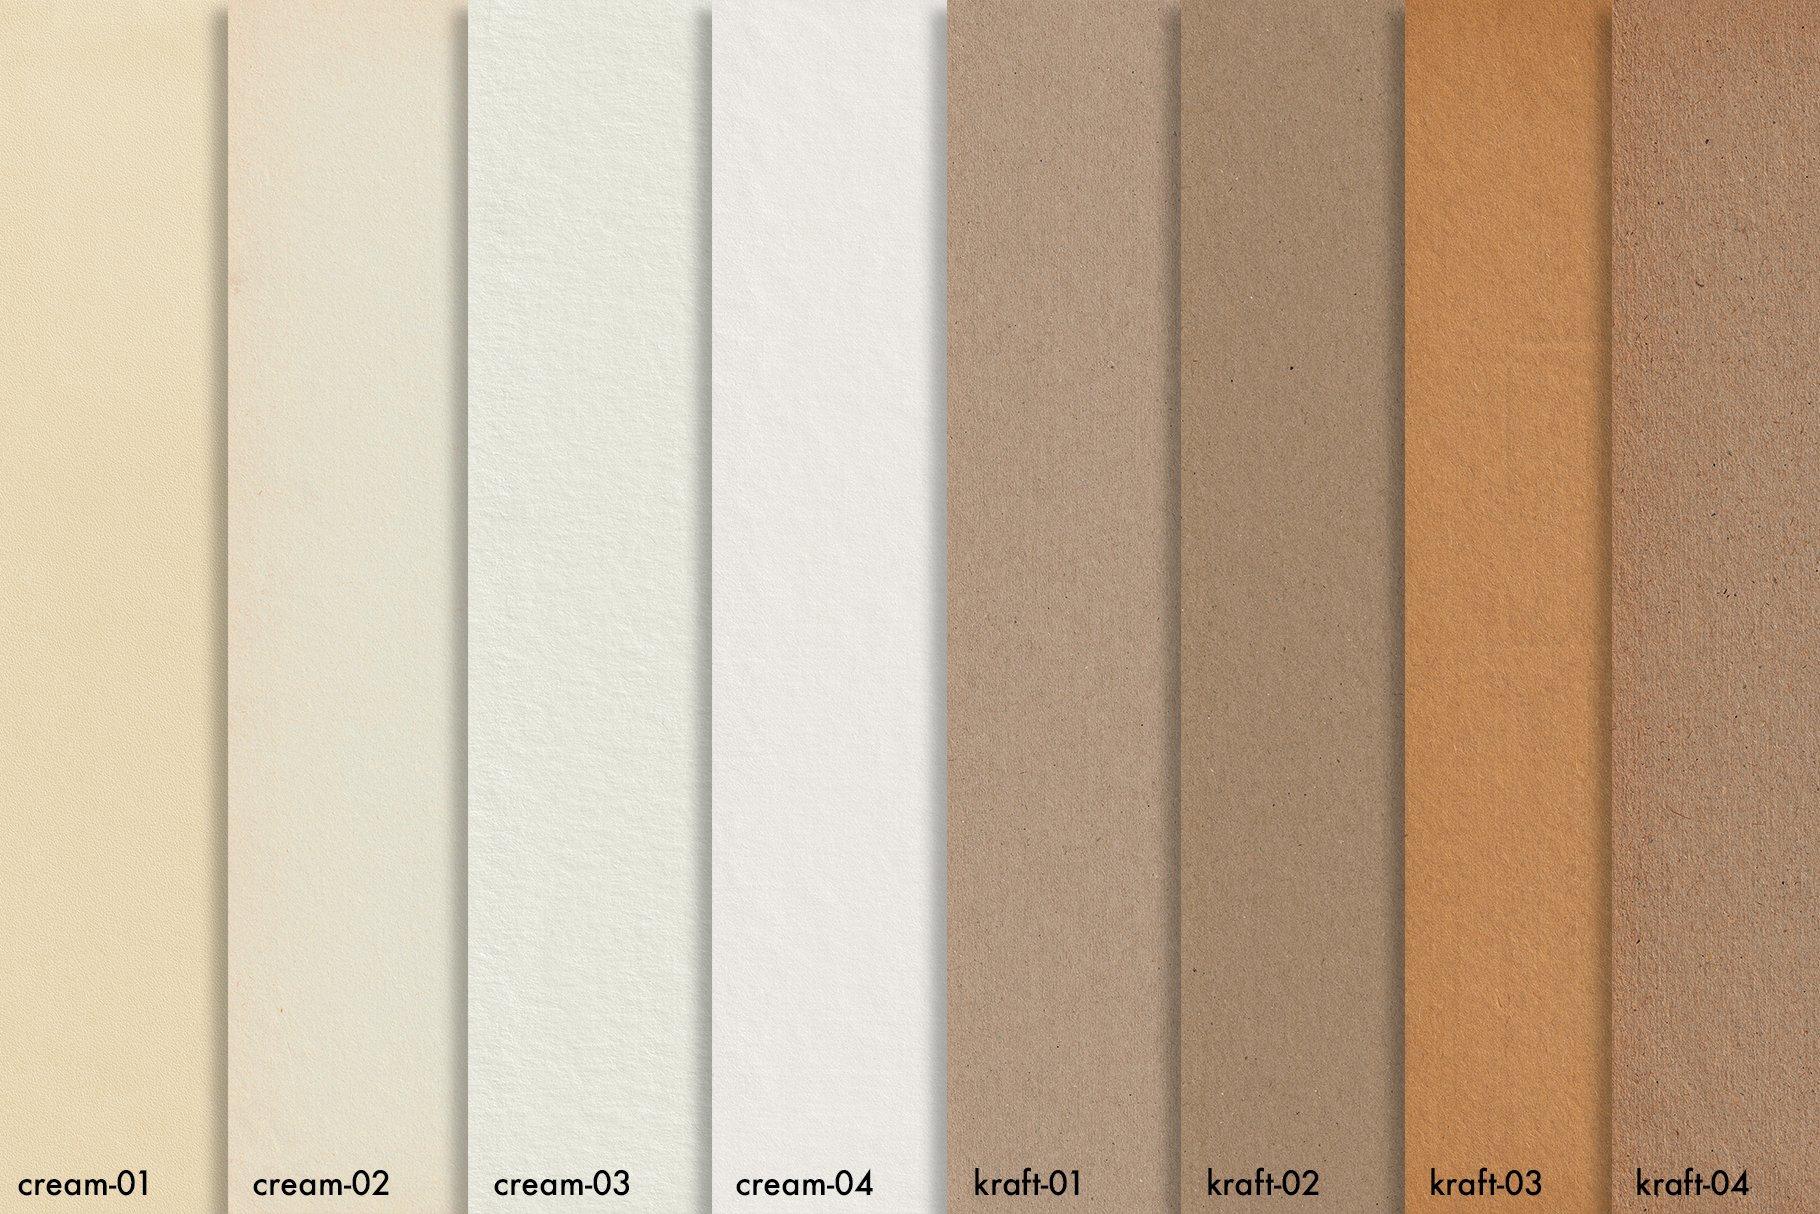 30款复古牛皮纸纸质纹理印刷品设计背景图片素材 Watercolor Paper Texture Collection插图16